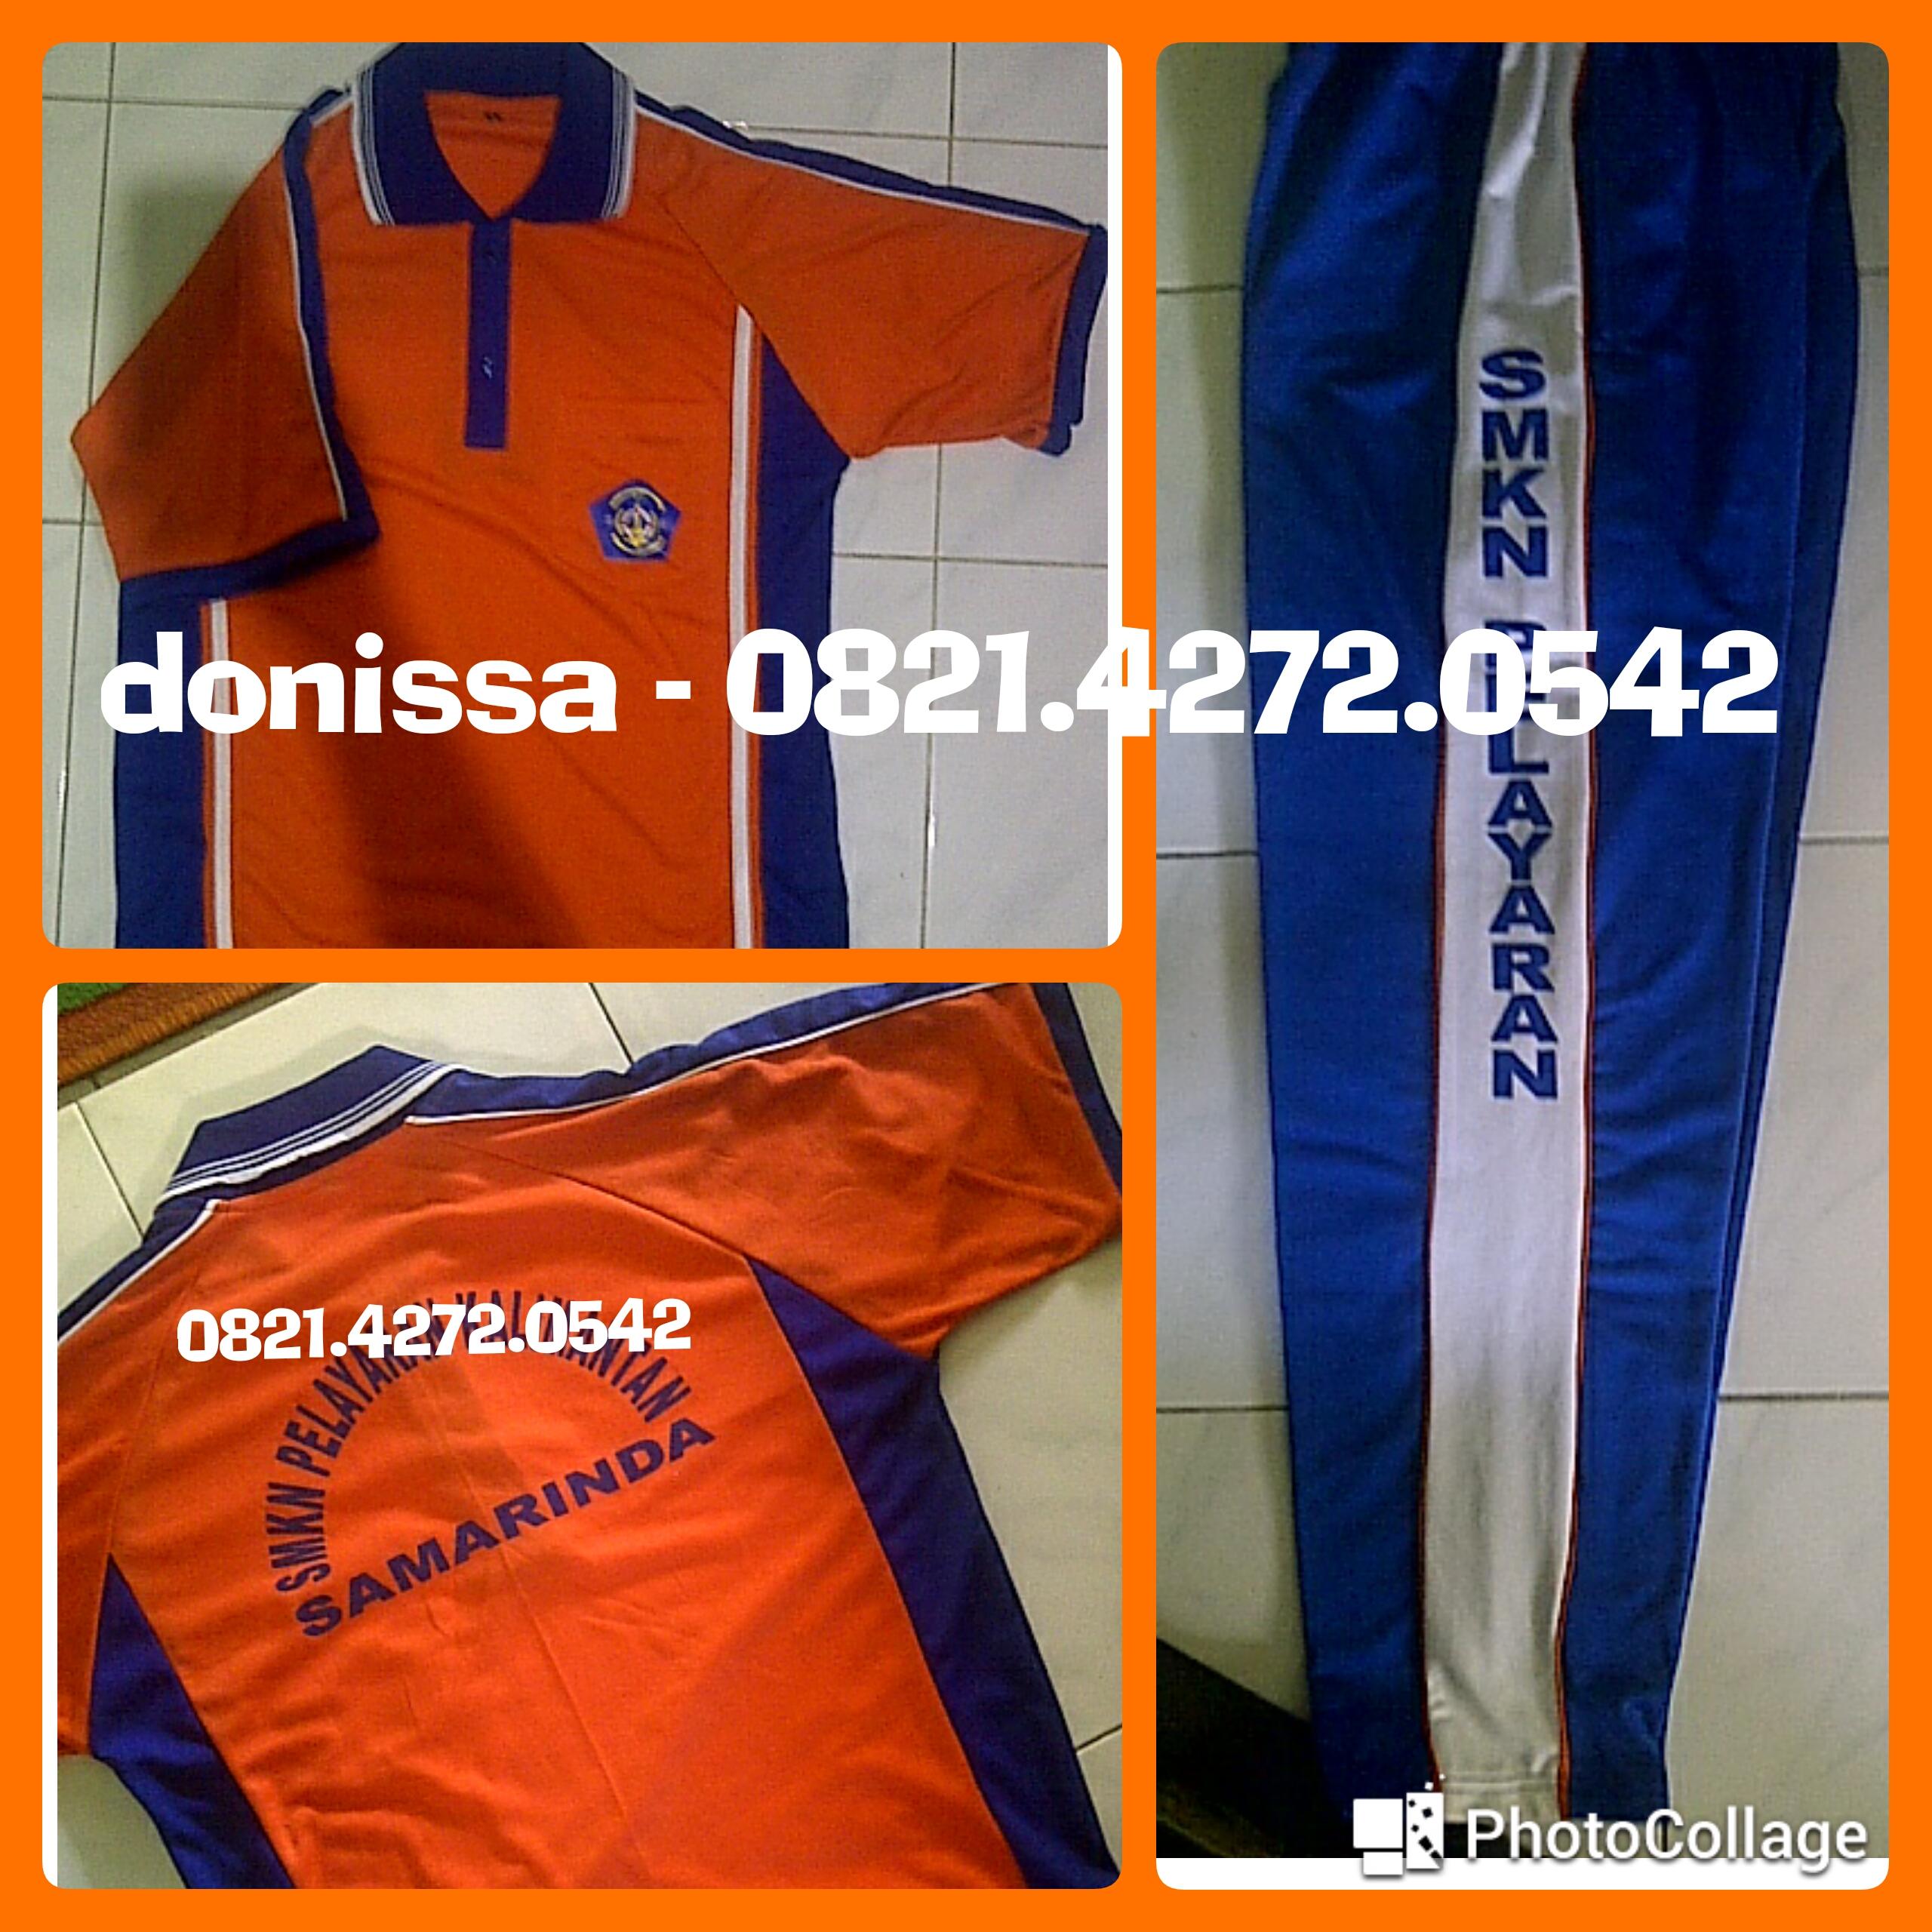 Pembuat Seragam Olahraga SMK untuk TENDER = kirim seluruh Indonesia - 0821.4272.0542